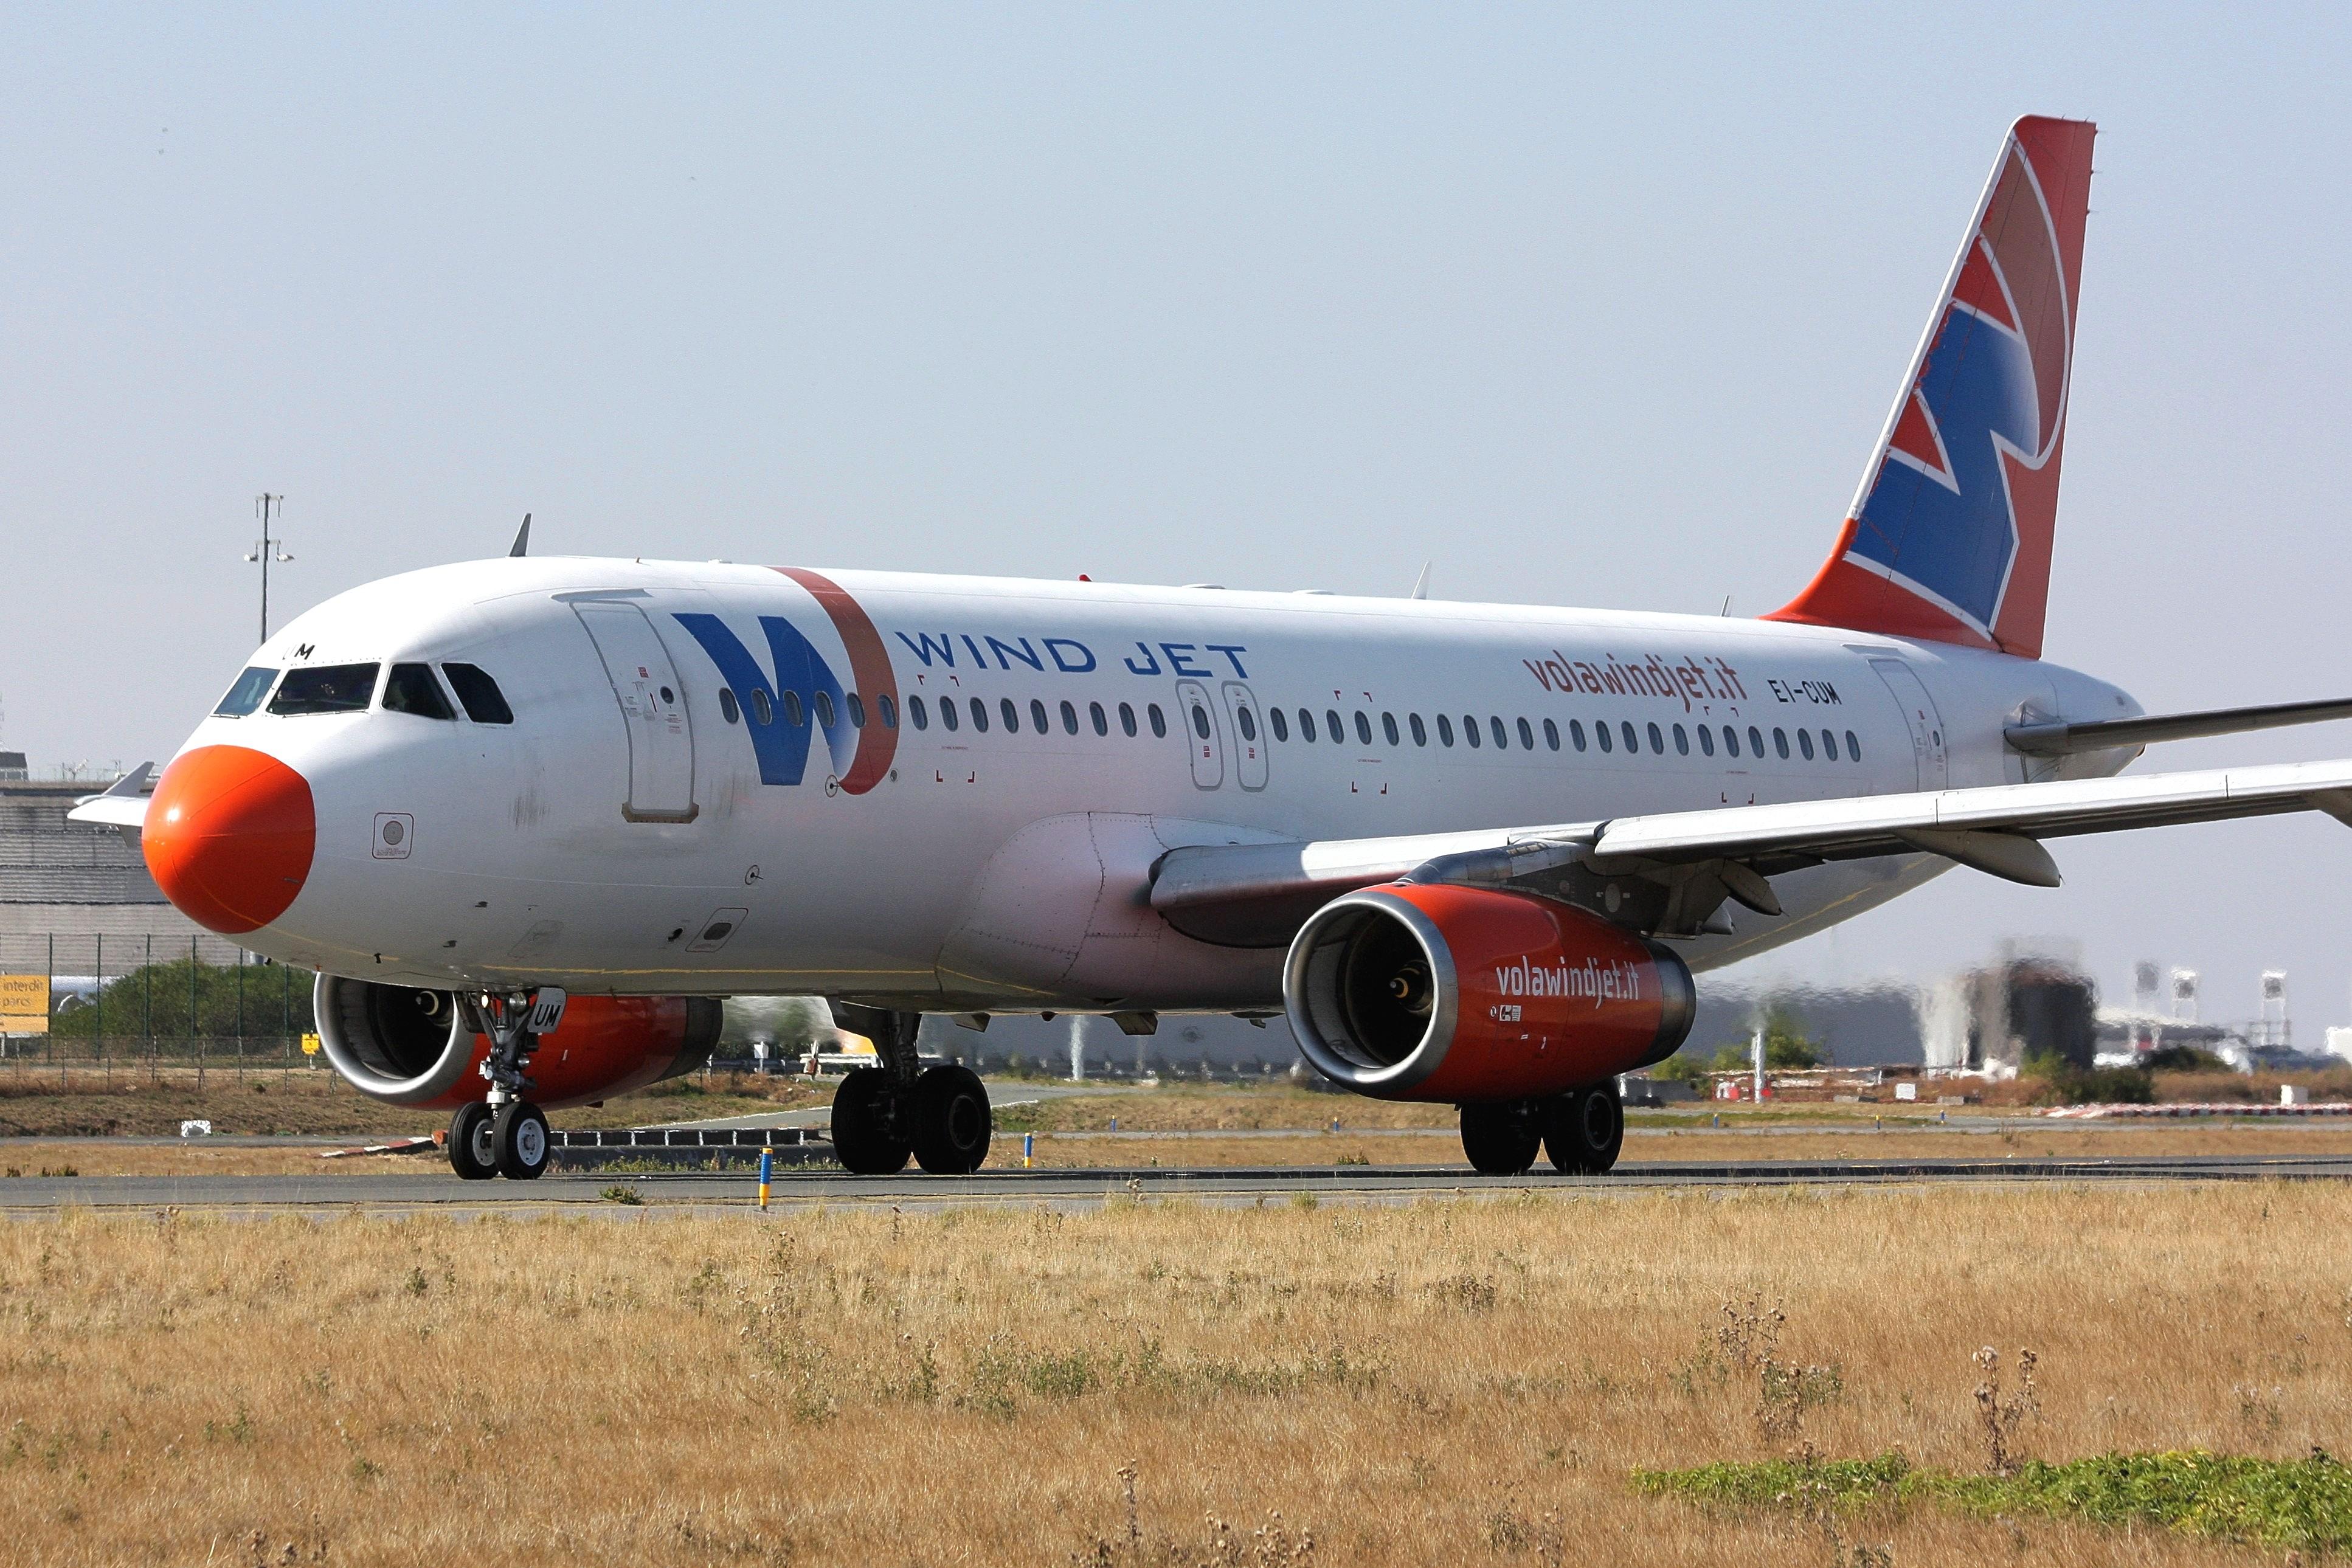 Bancarotta Wind jet, 17 rinviati a giudizio dal Gup di Catania